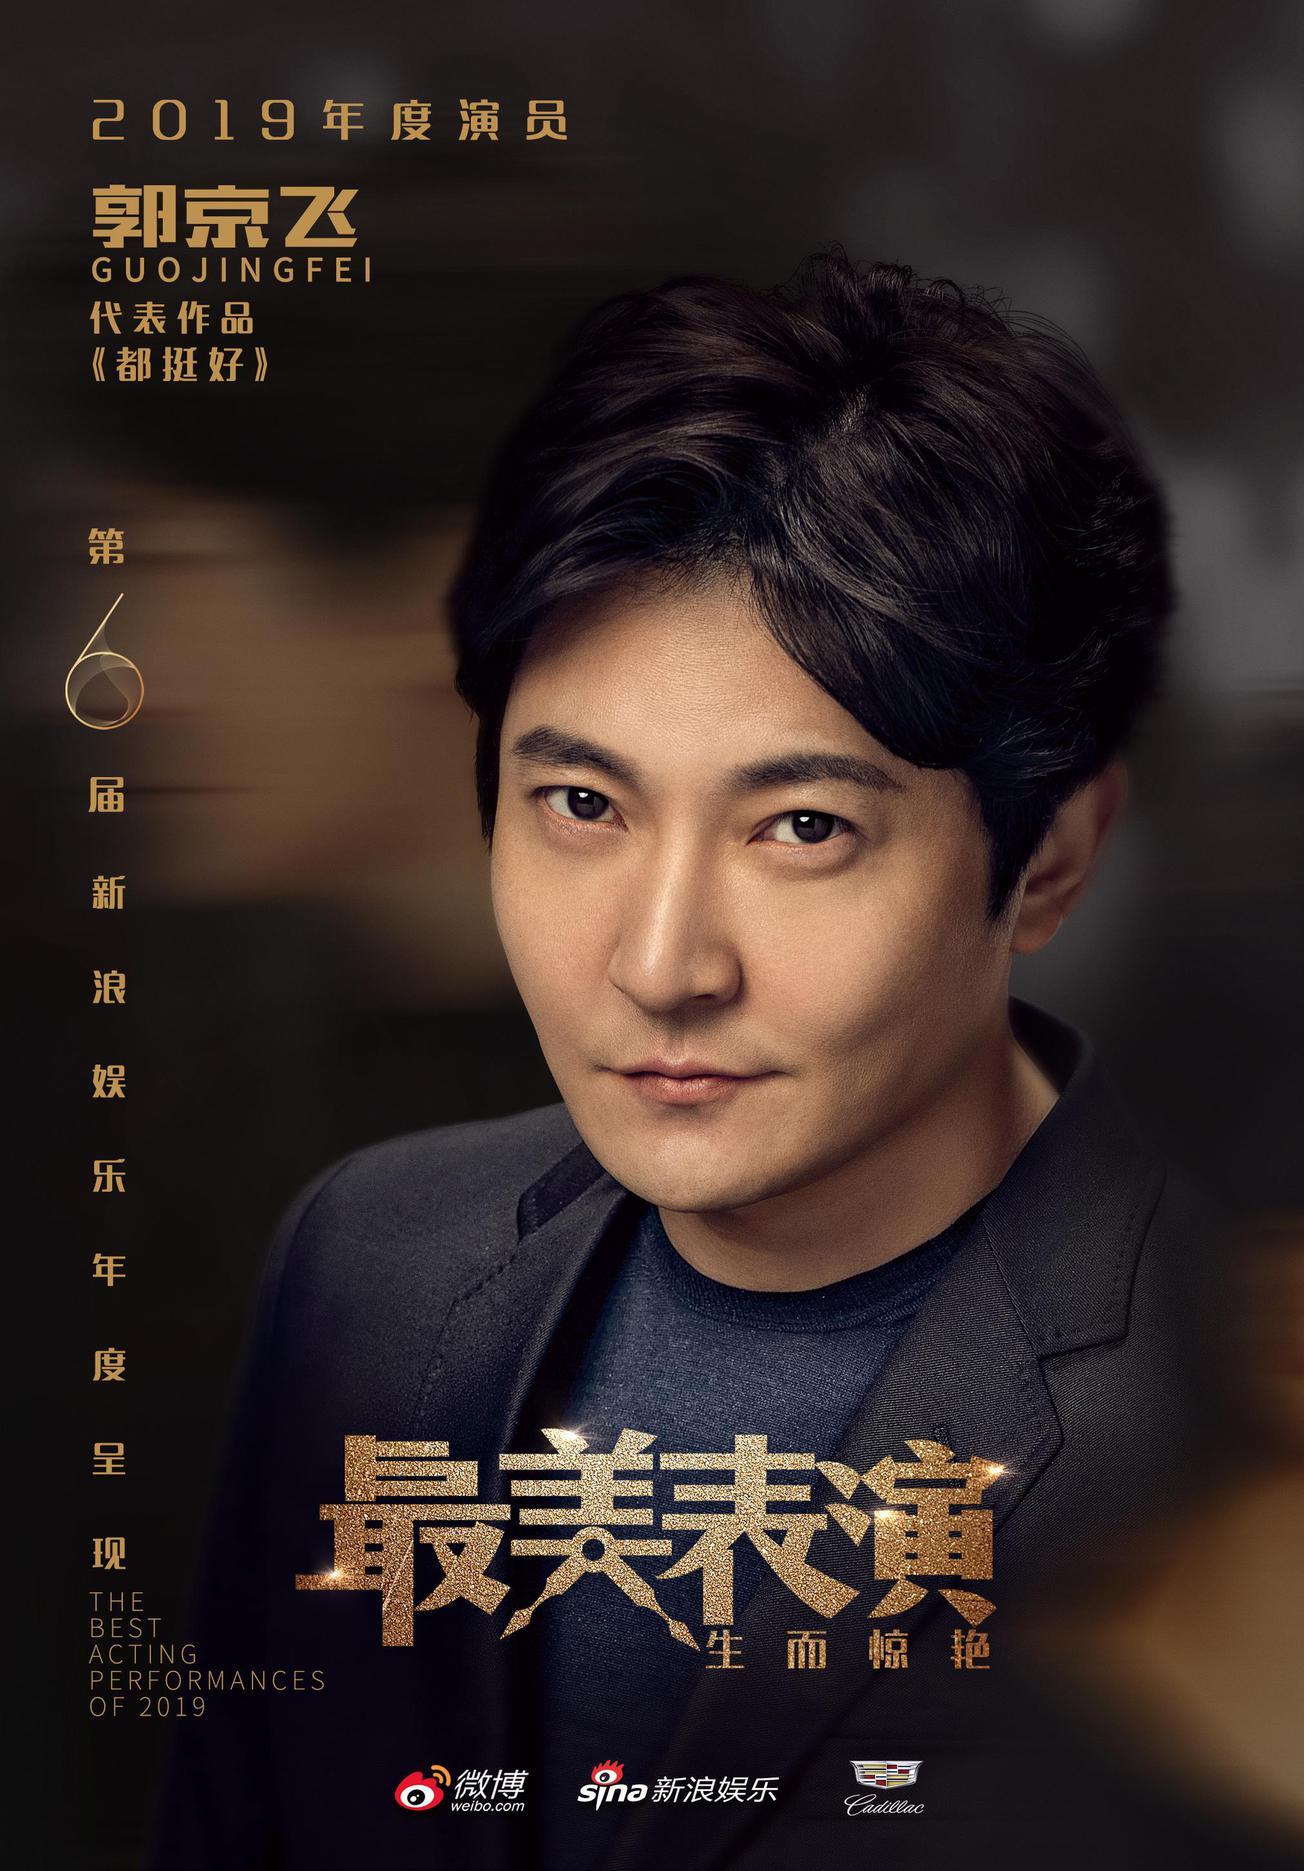 2019最美表演-郭京飛